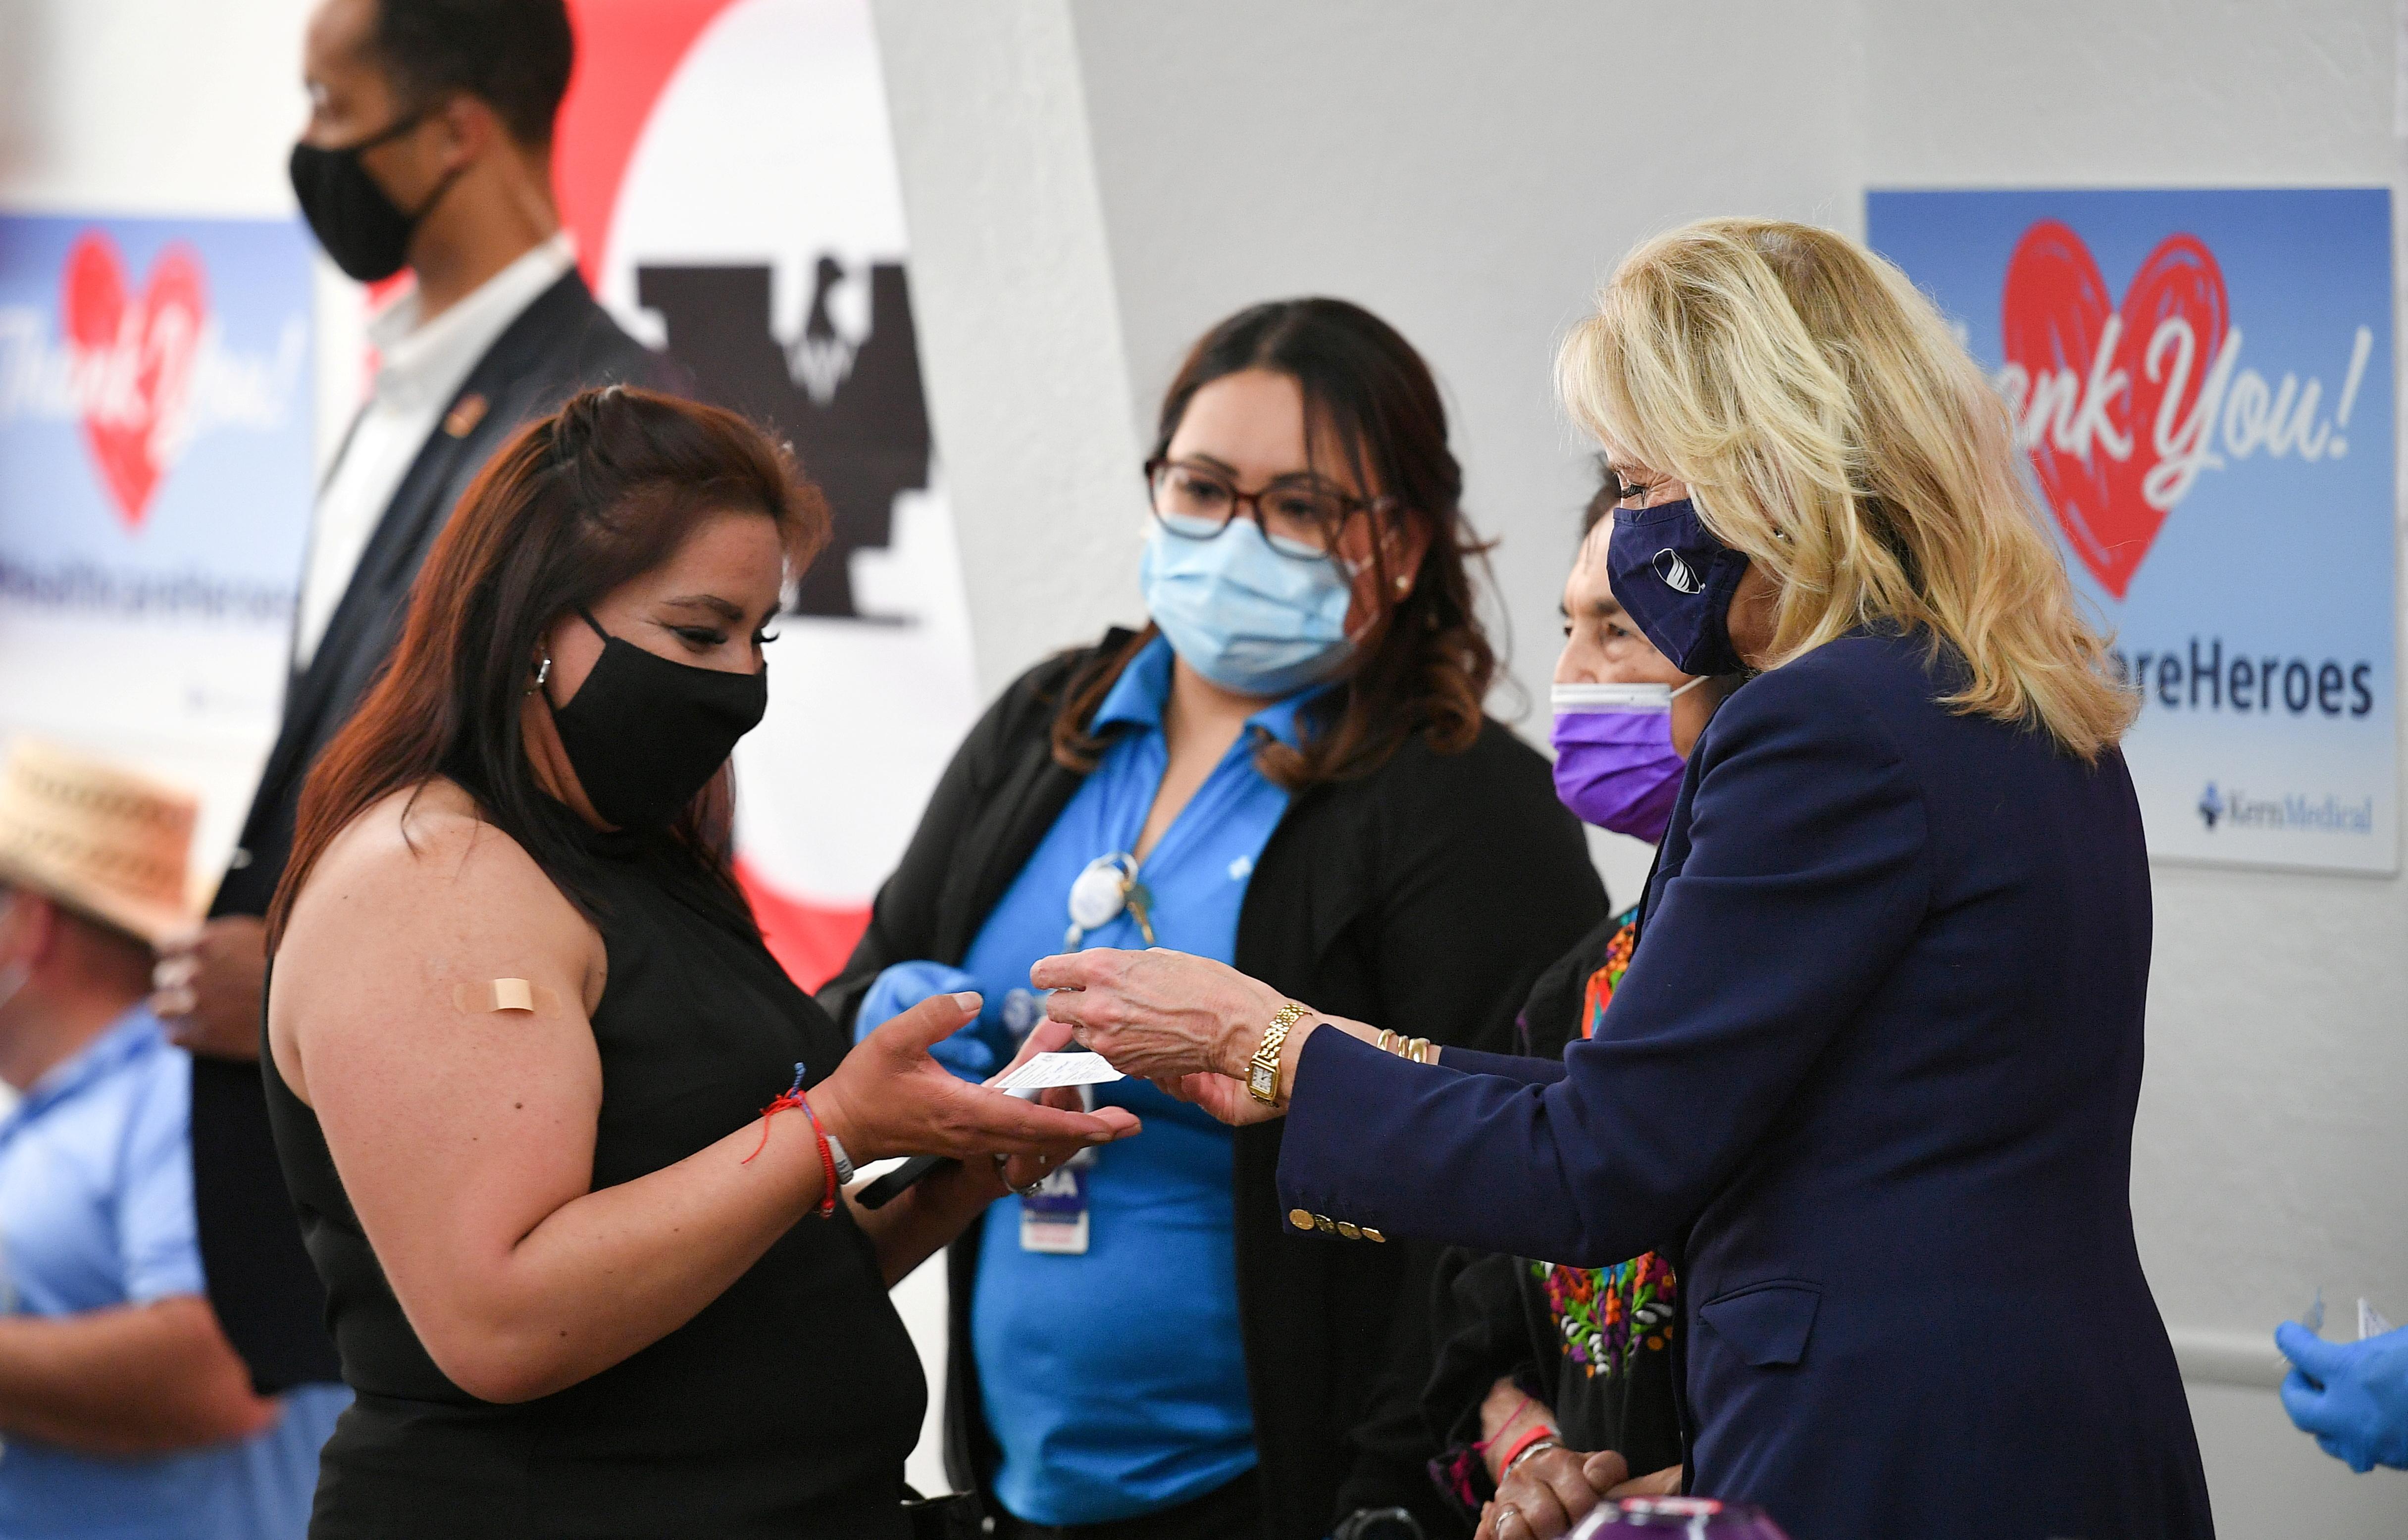 Đệ nhất phu nhân Hoa Kỳ Jill Biden trao thẻ tiêm chủng cùng với ghim cho một phụ nữ vừa được tiêm mũi vắc xin thứ hai ở Delano, California vào ngày 31 tháng 3 năm 2021. Mandel Ngan / Pool via REUTERS / File Photo